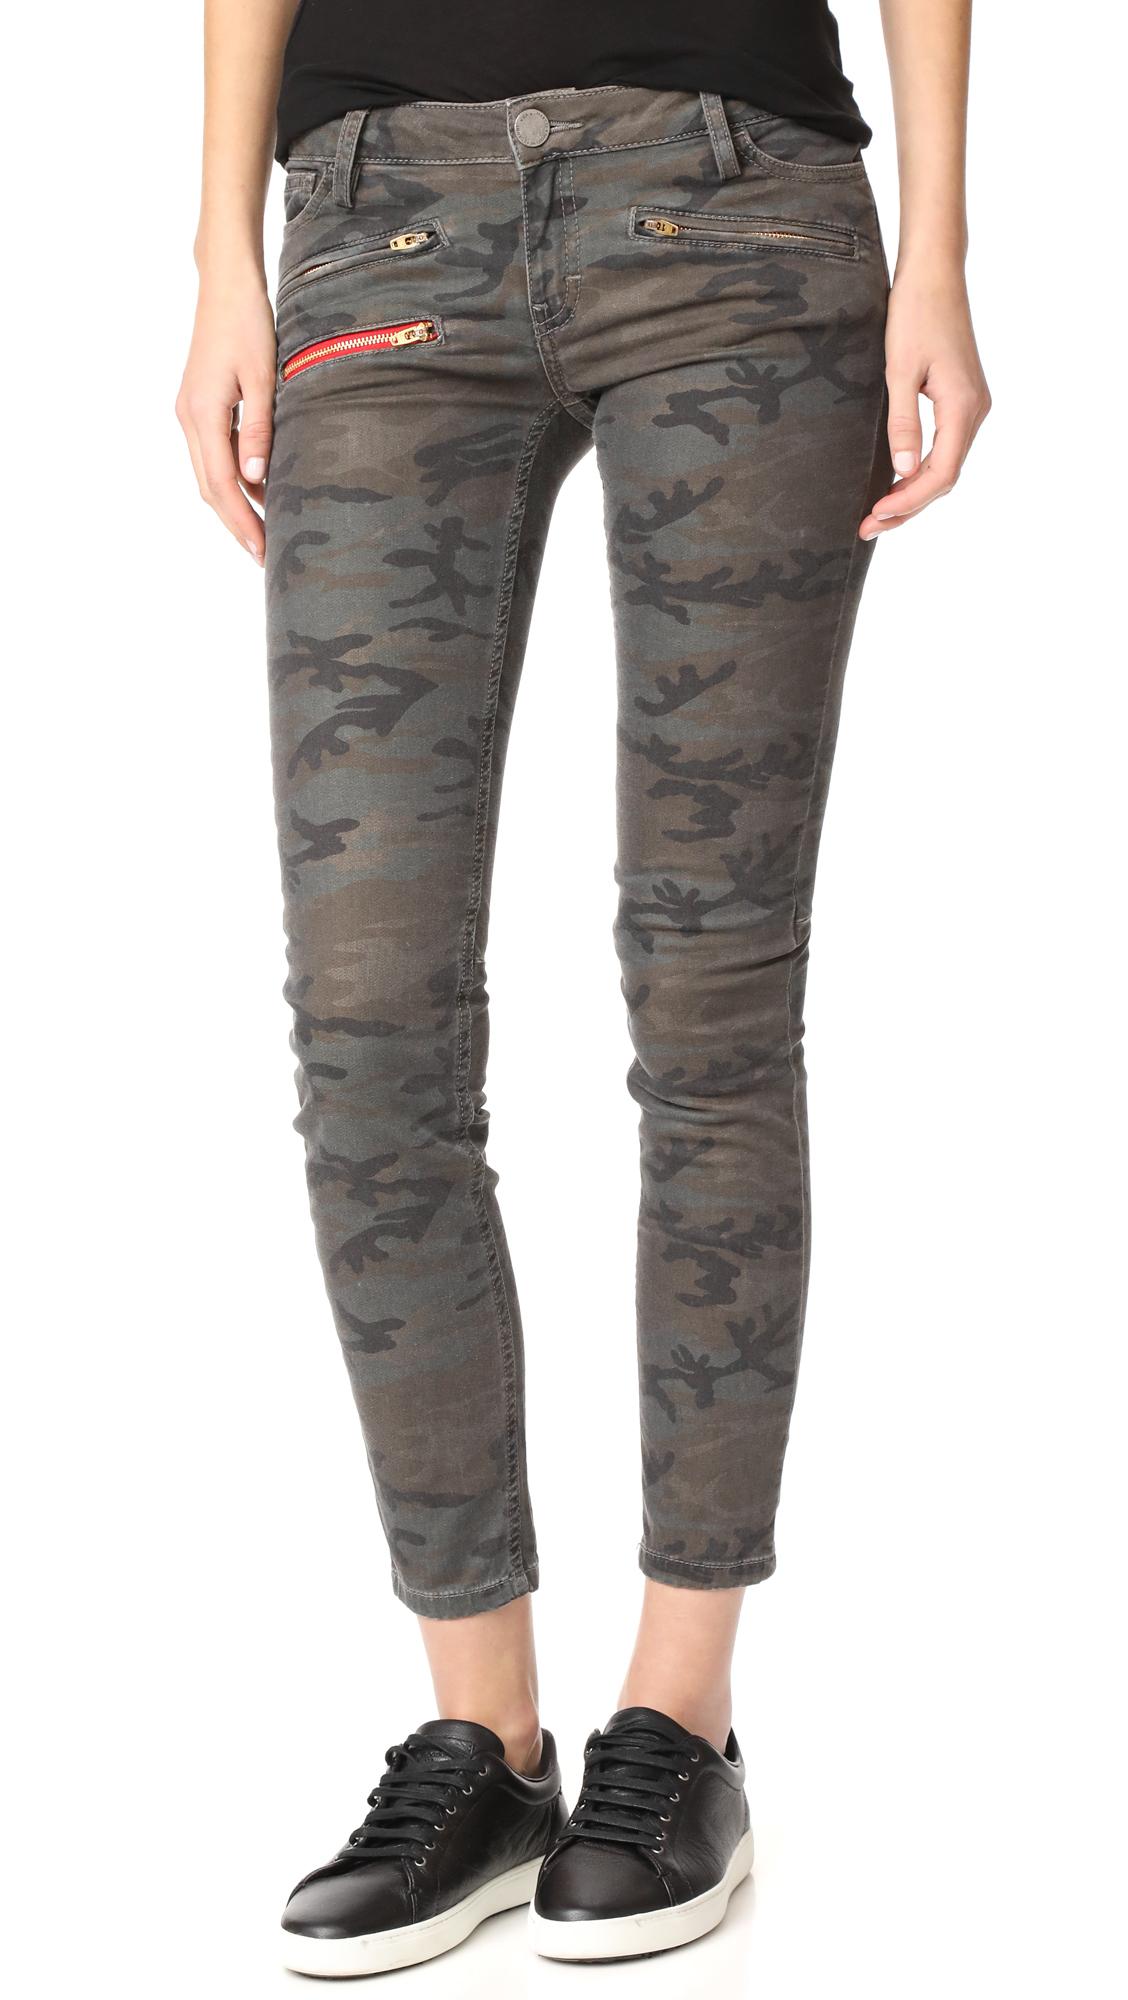 Etienne Marcel Camo Skinny Jeans